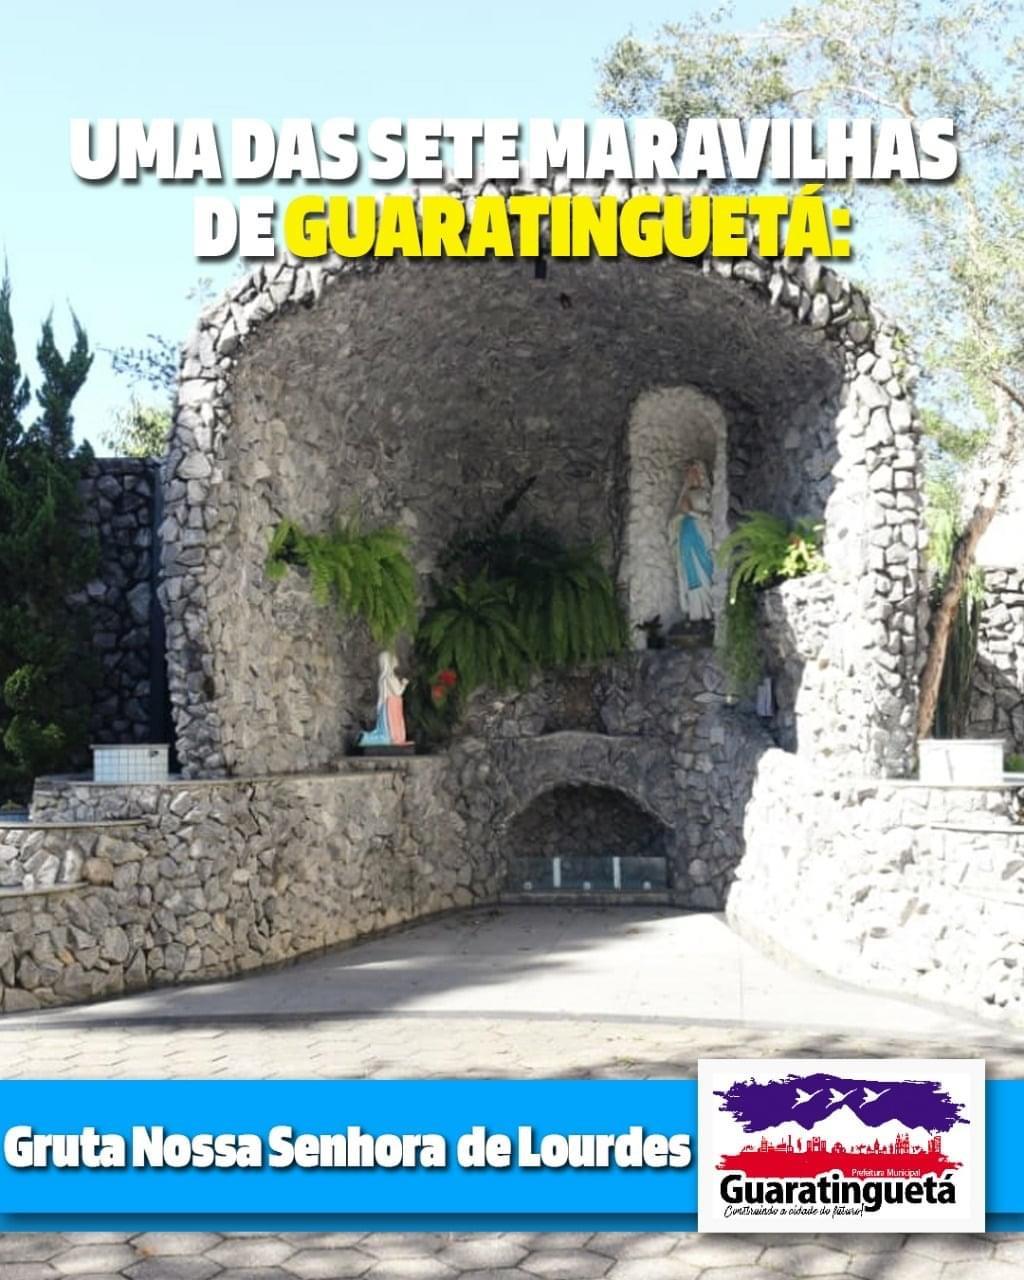 Projeto elege a Gruta de Nossa Senhora de Lourdes como uma das Sete Maravilhas de Guaratinguetá